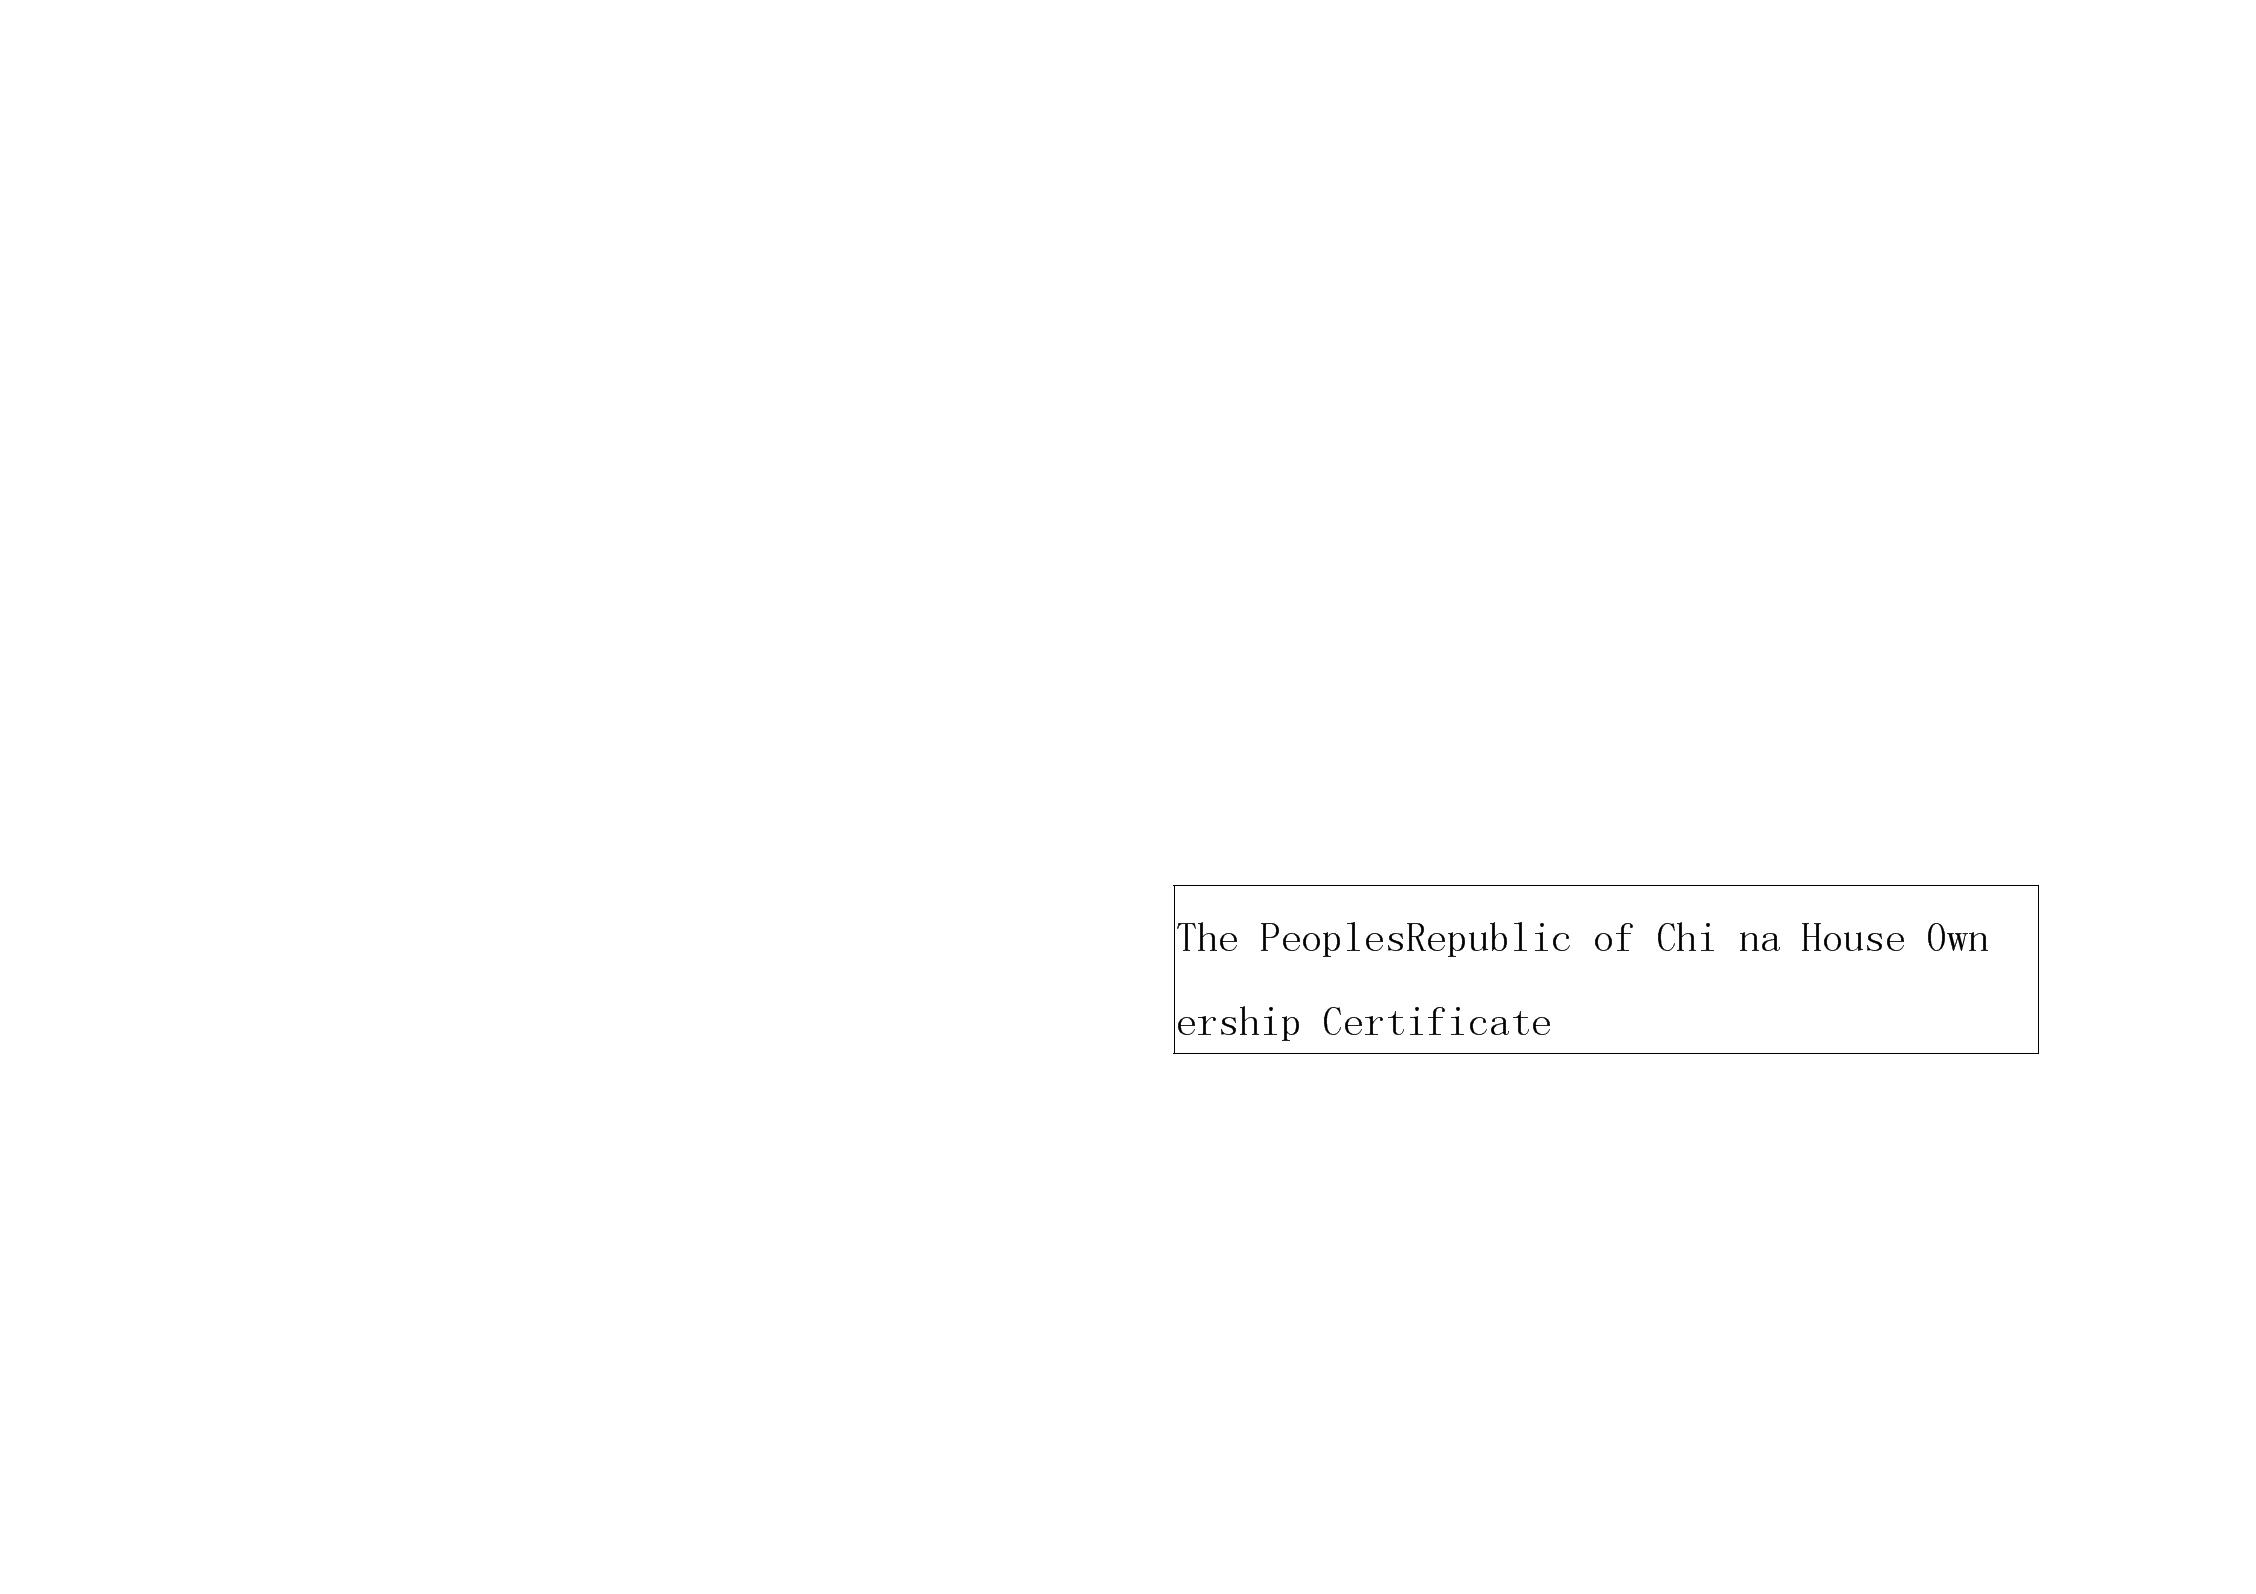 房屋所有权证翻译.docx